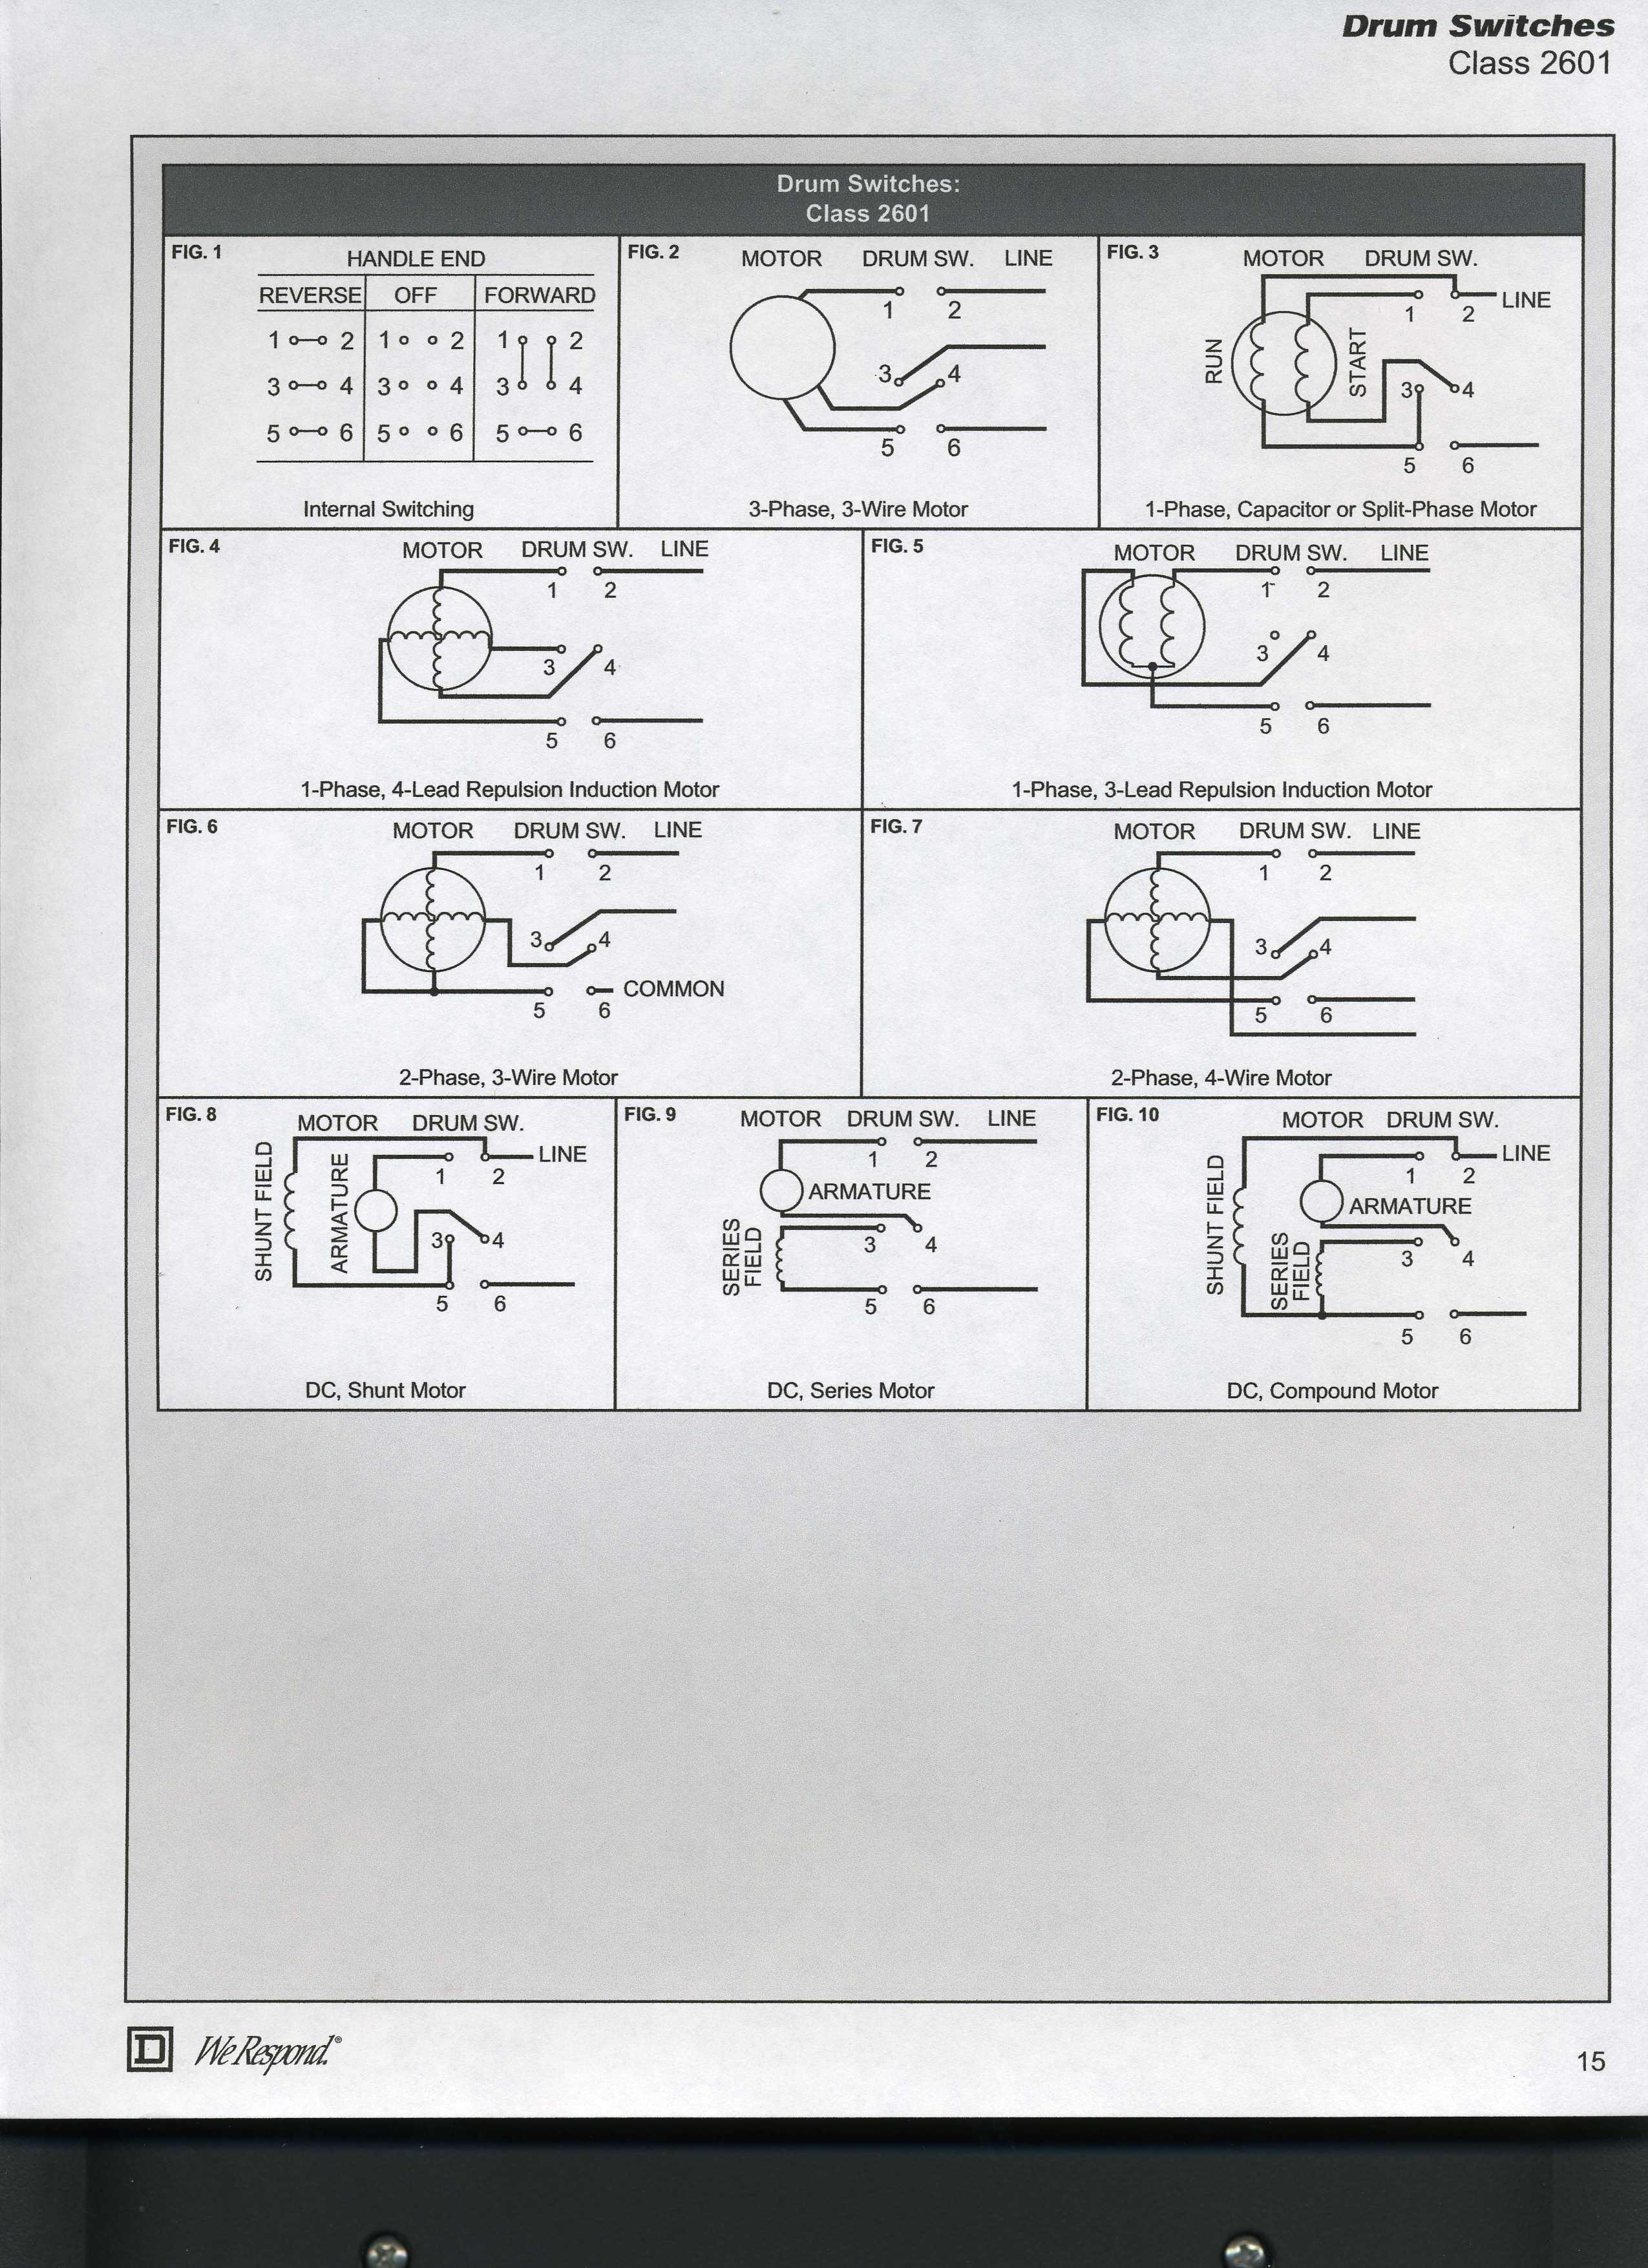 Dayton Motor Wiring Diagram On 3 Phase Motor Capacitor Wiring - Dayton Electric Motors Wiring Diagram